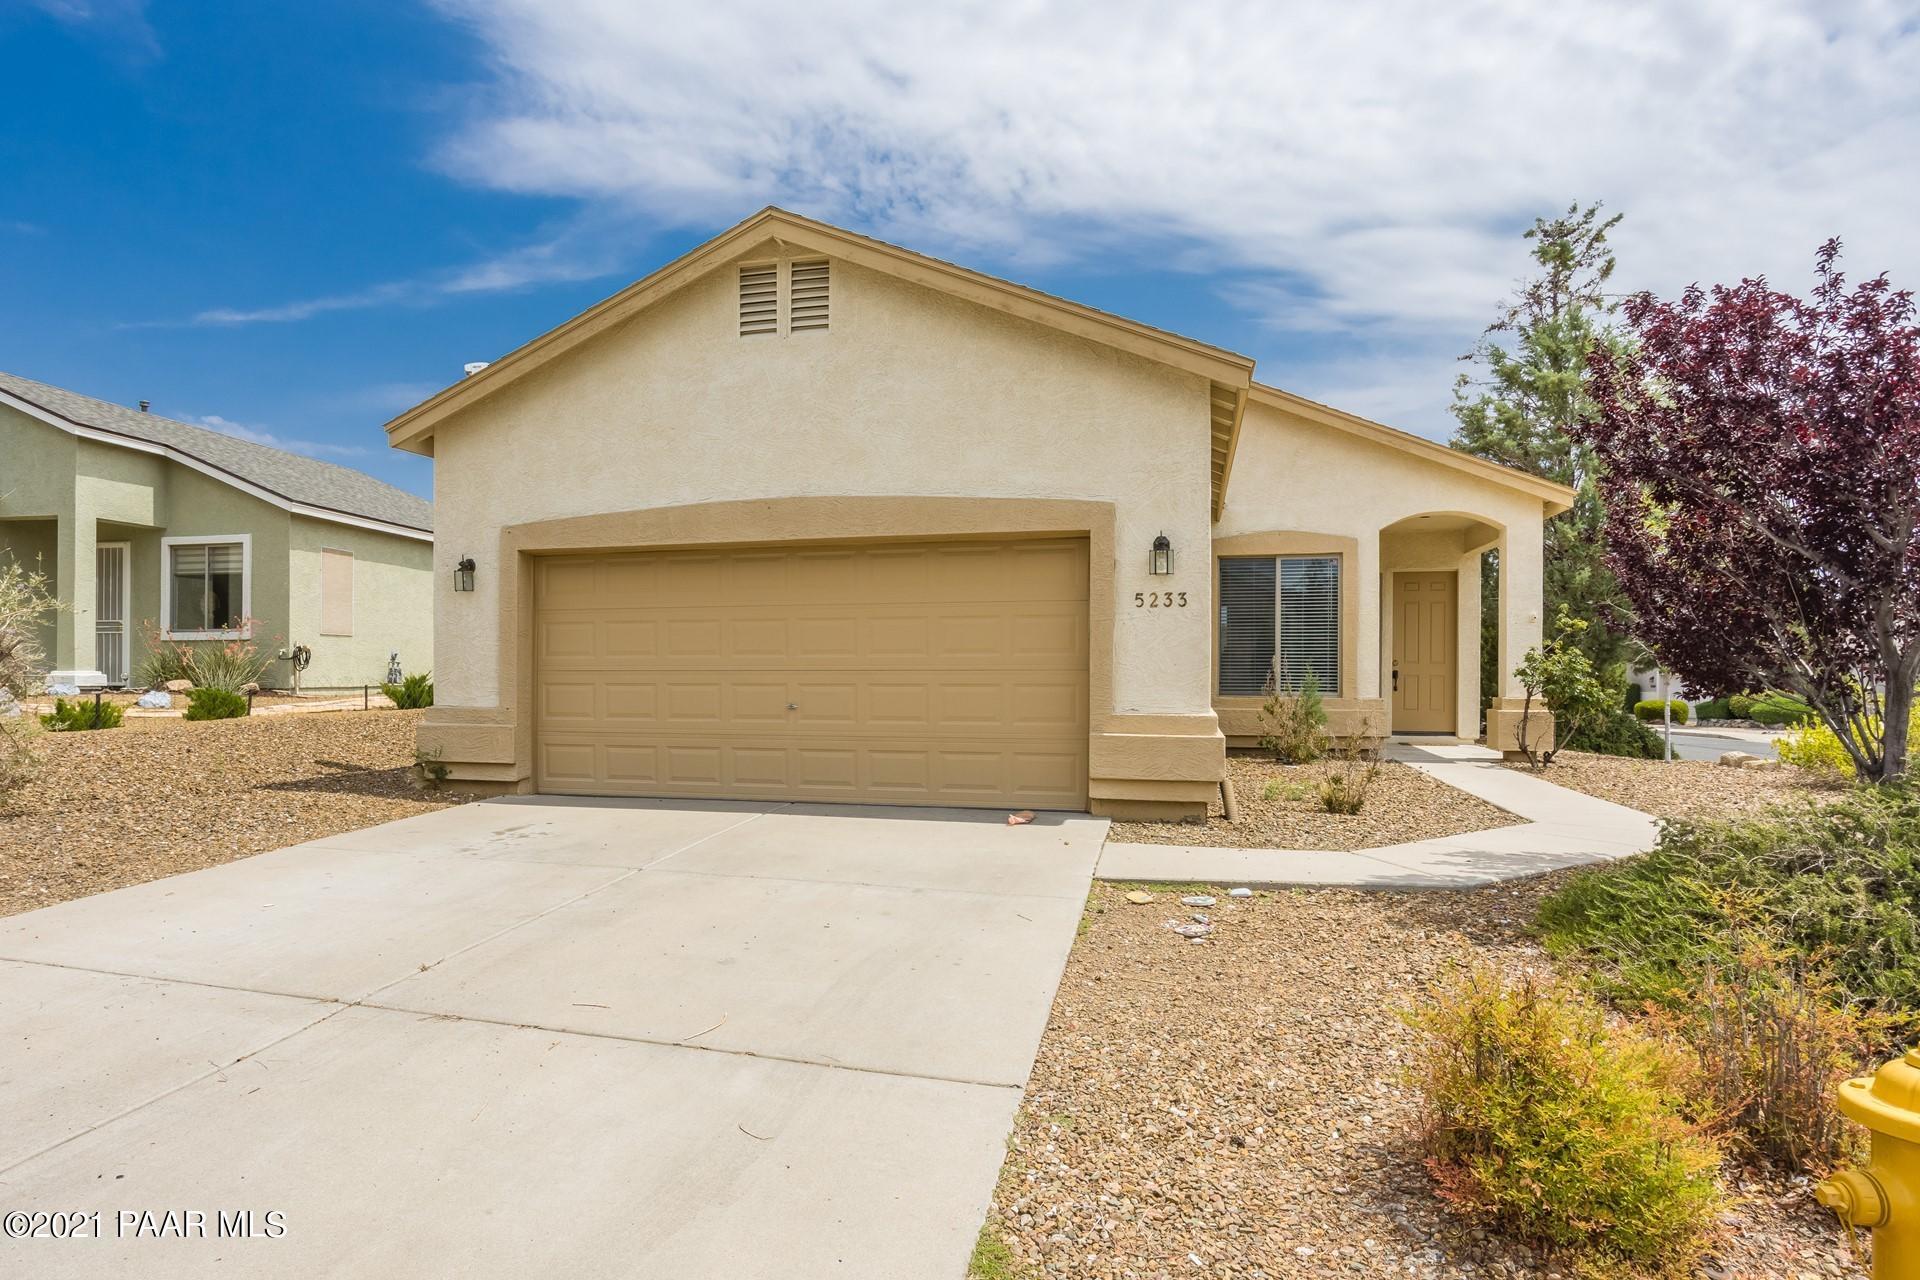 Photo of 5233 Celestine, Prescott Valley, AZ 86314